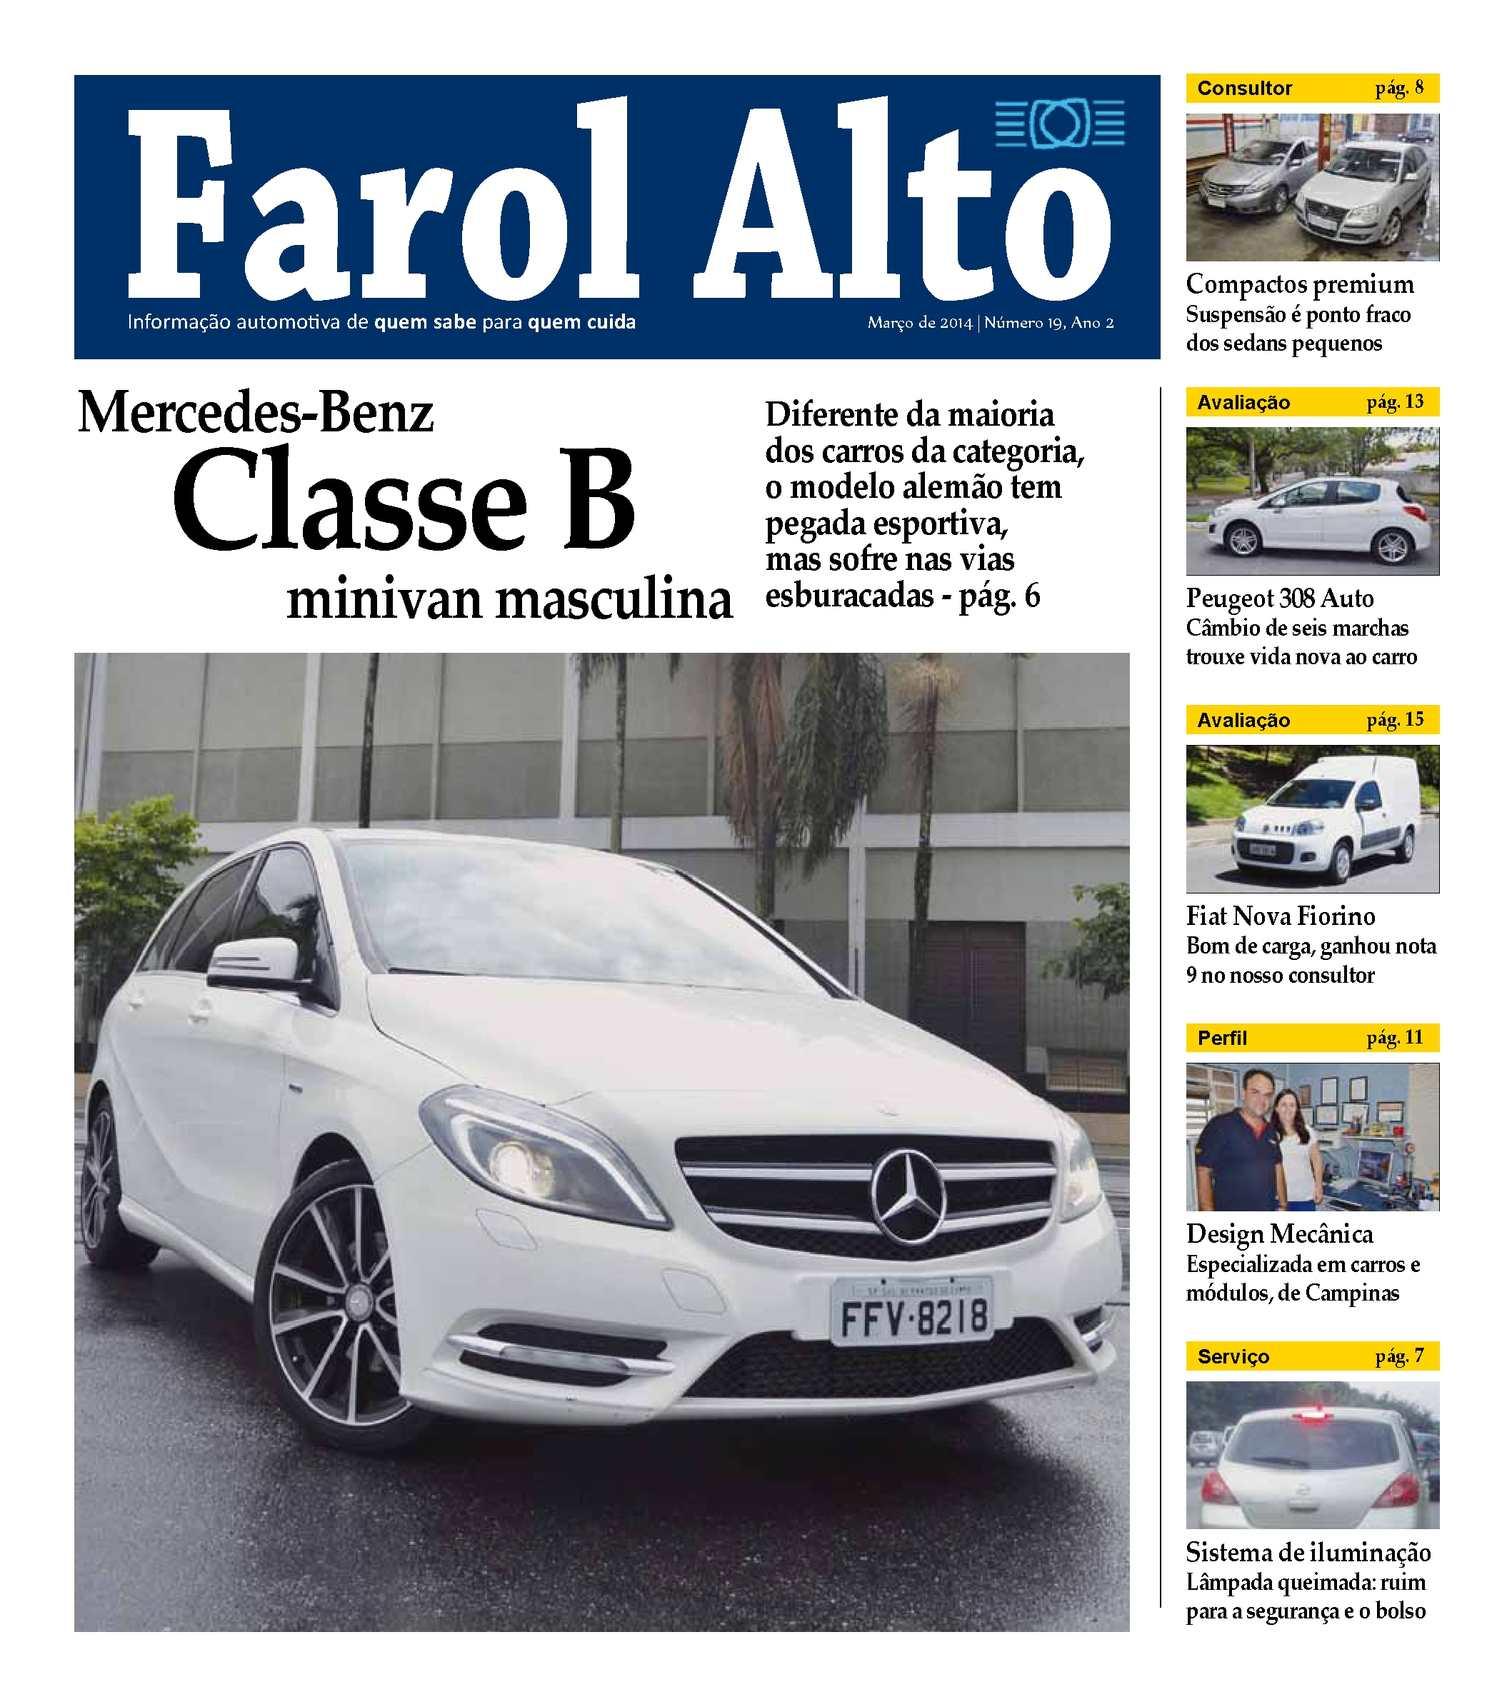 41289c782 Calaméo - Jornal Farol Alto - Edição 19 - Março 2014